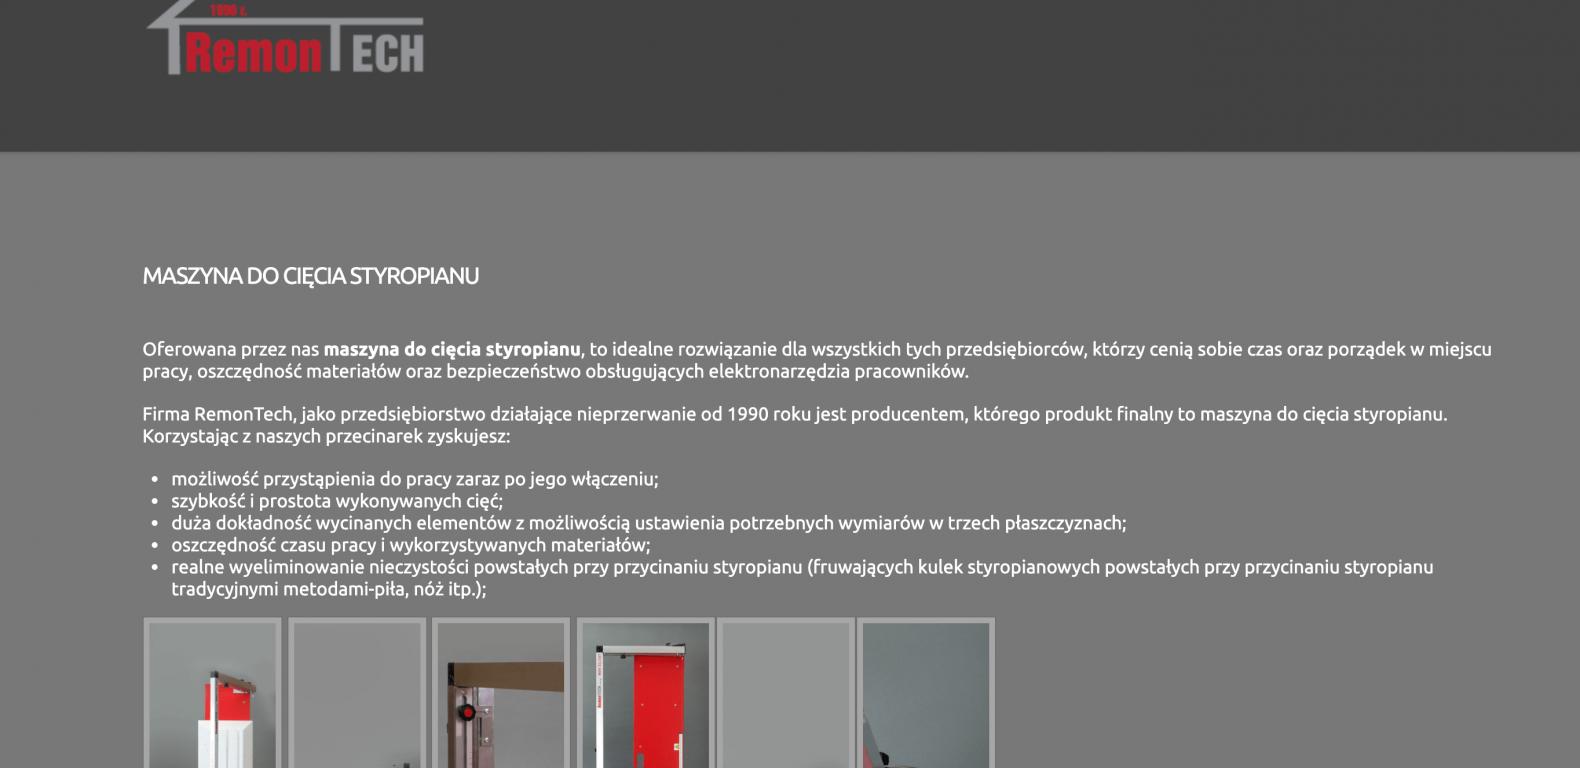 remontech.com.pl